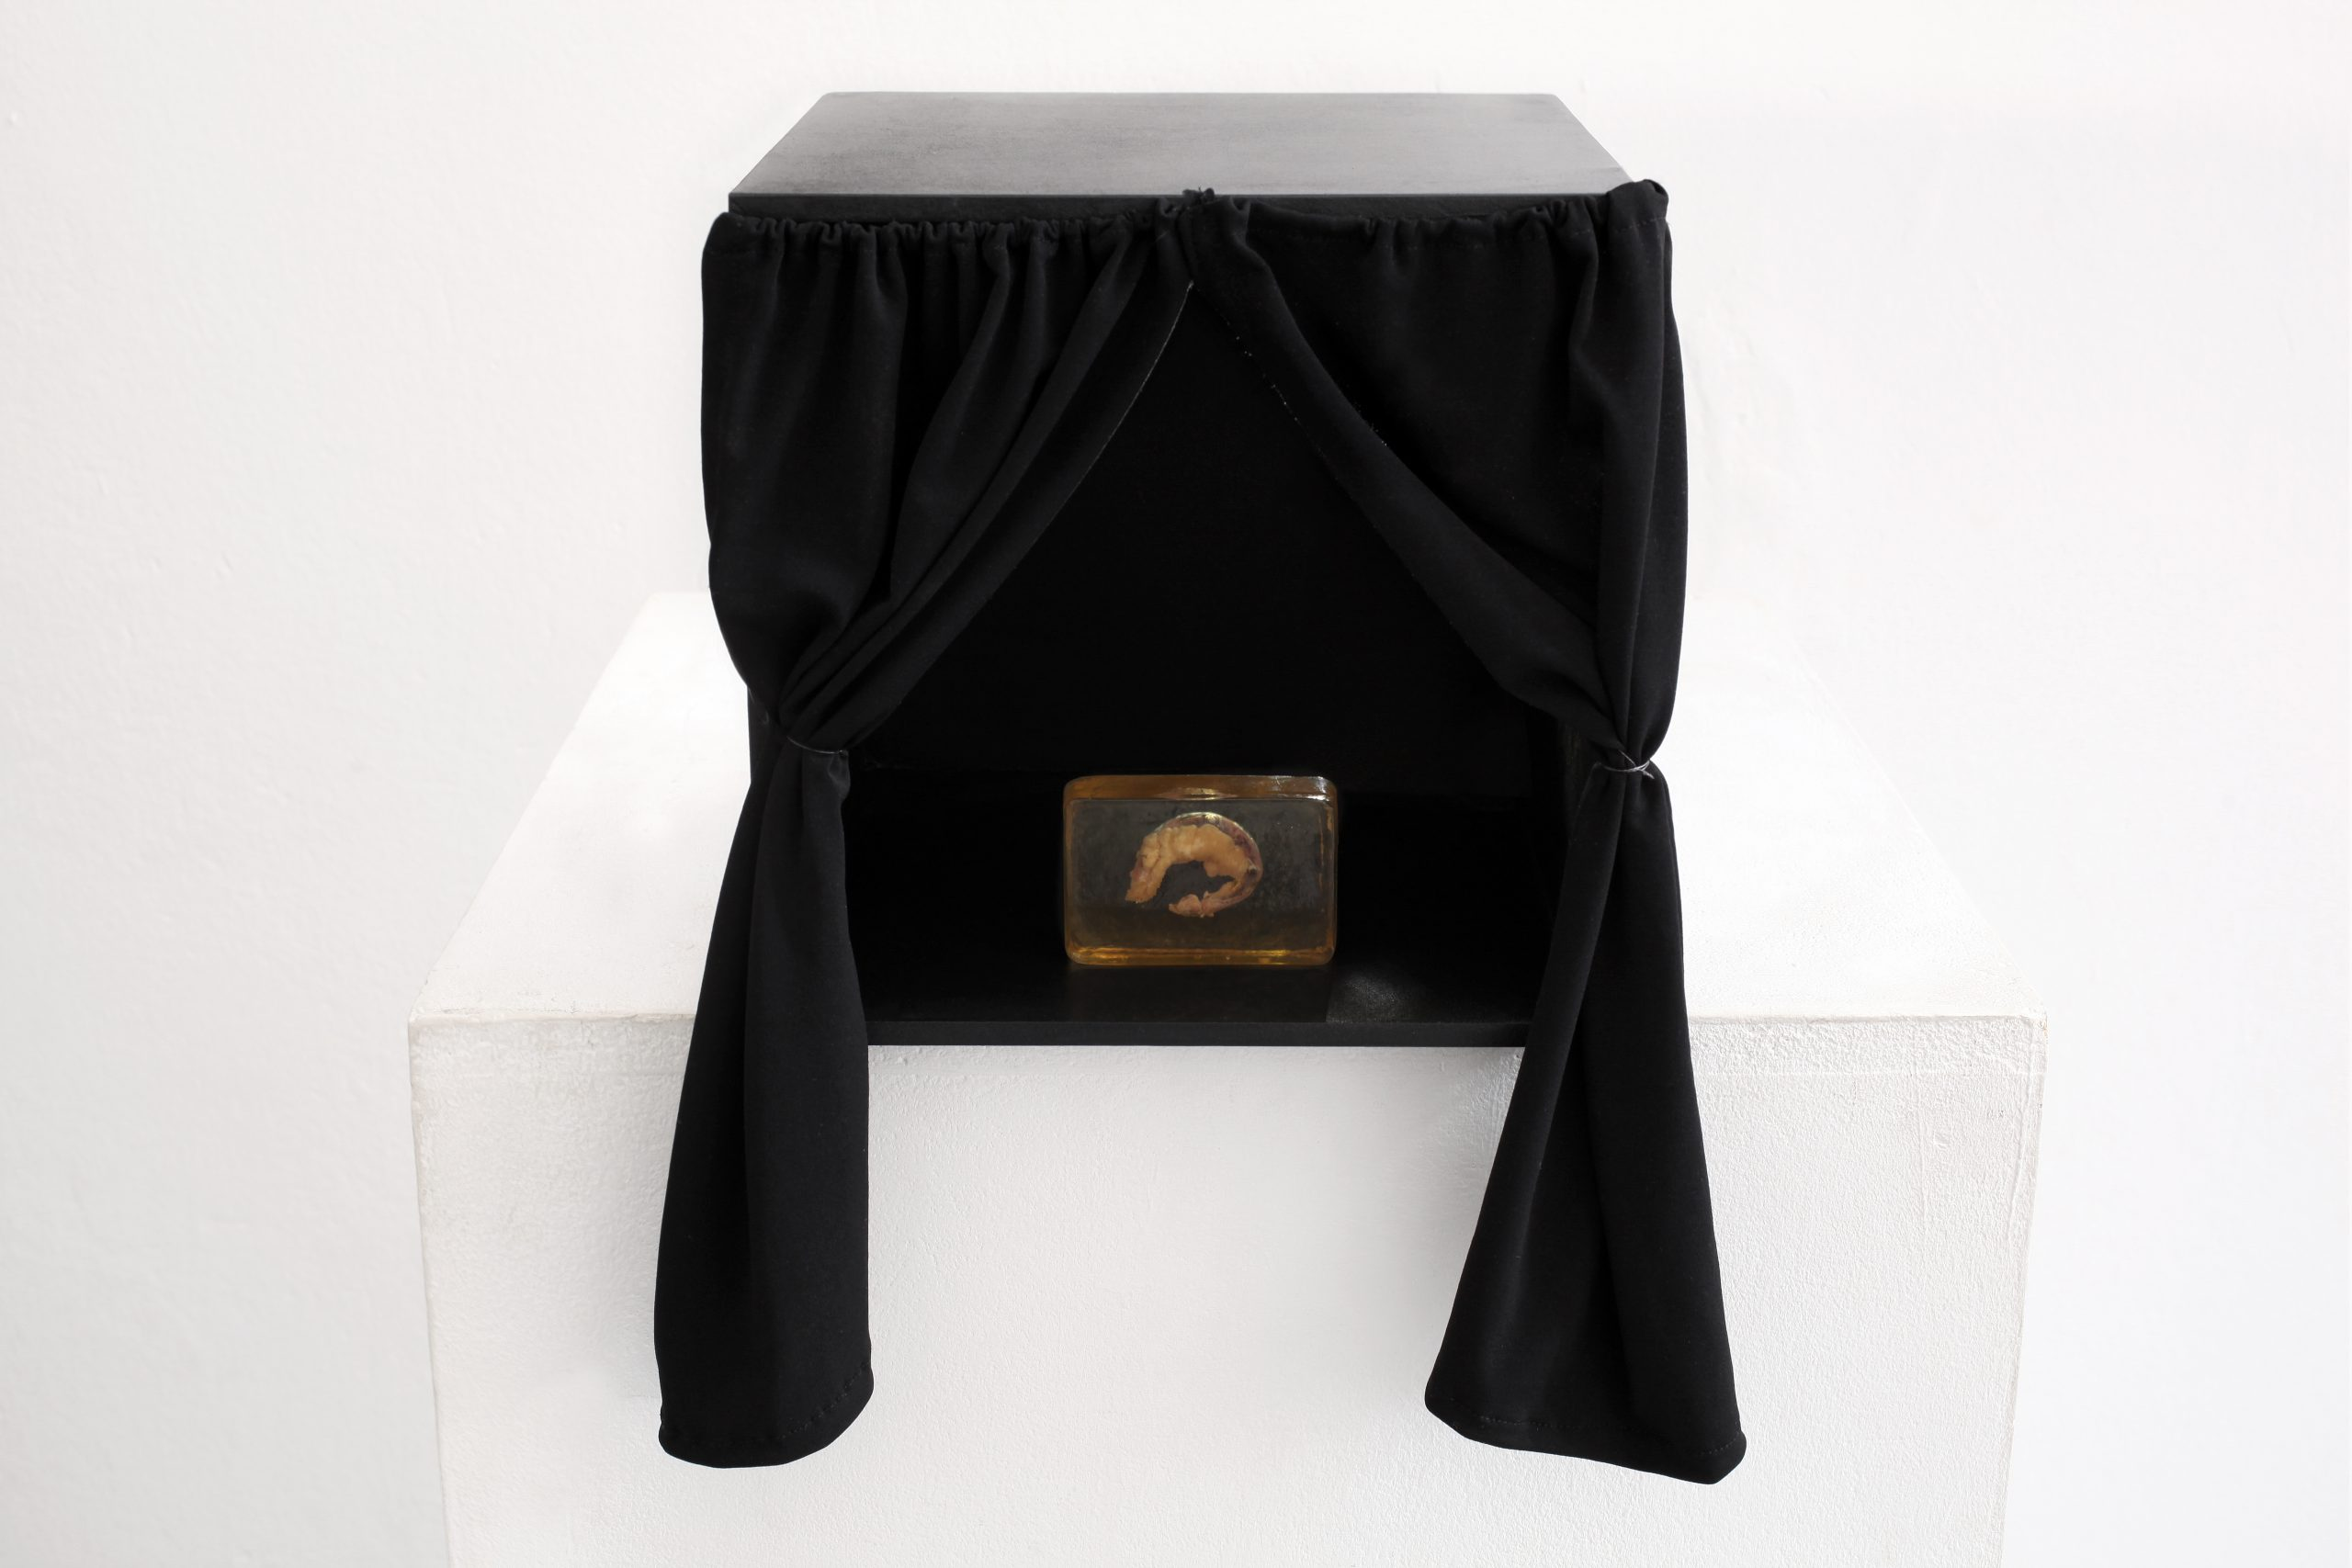 Karl Heinz Schiefler - Blinddarm in der Box